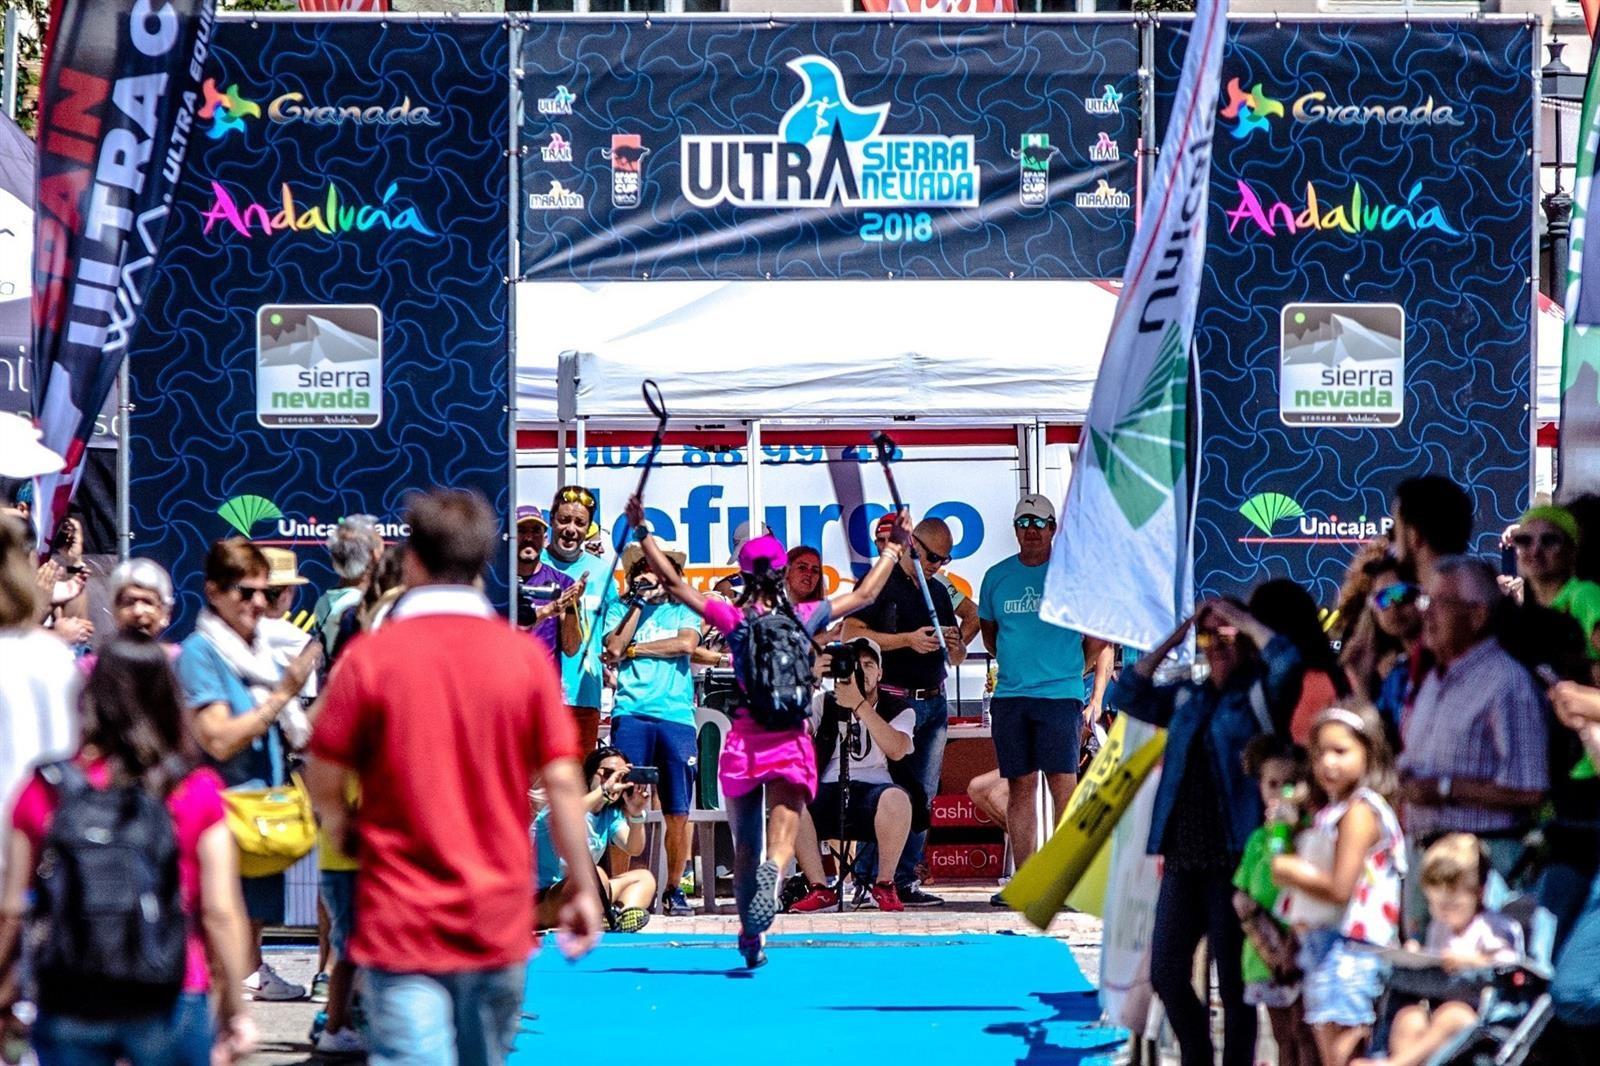 Unicaja Banco patrocinará la carrera de montaña Ultra Sierra Nevada